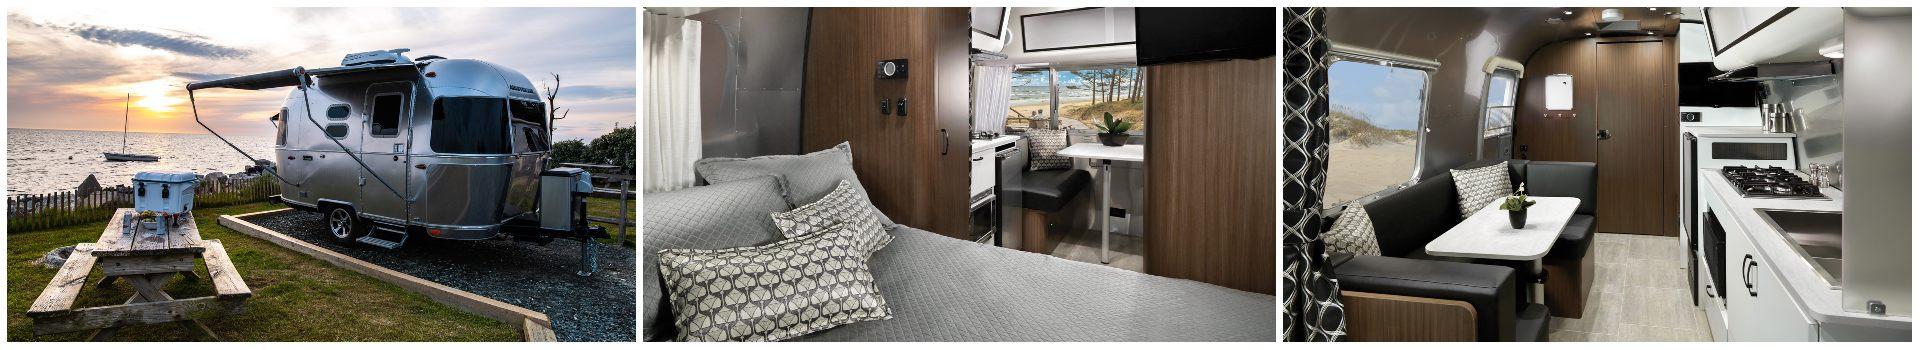 2020 Airstream Caravel Features